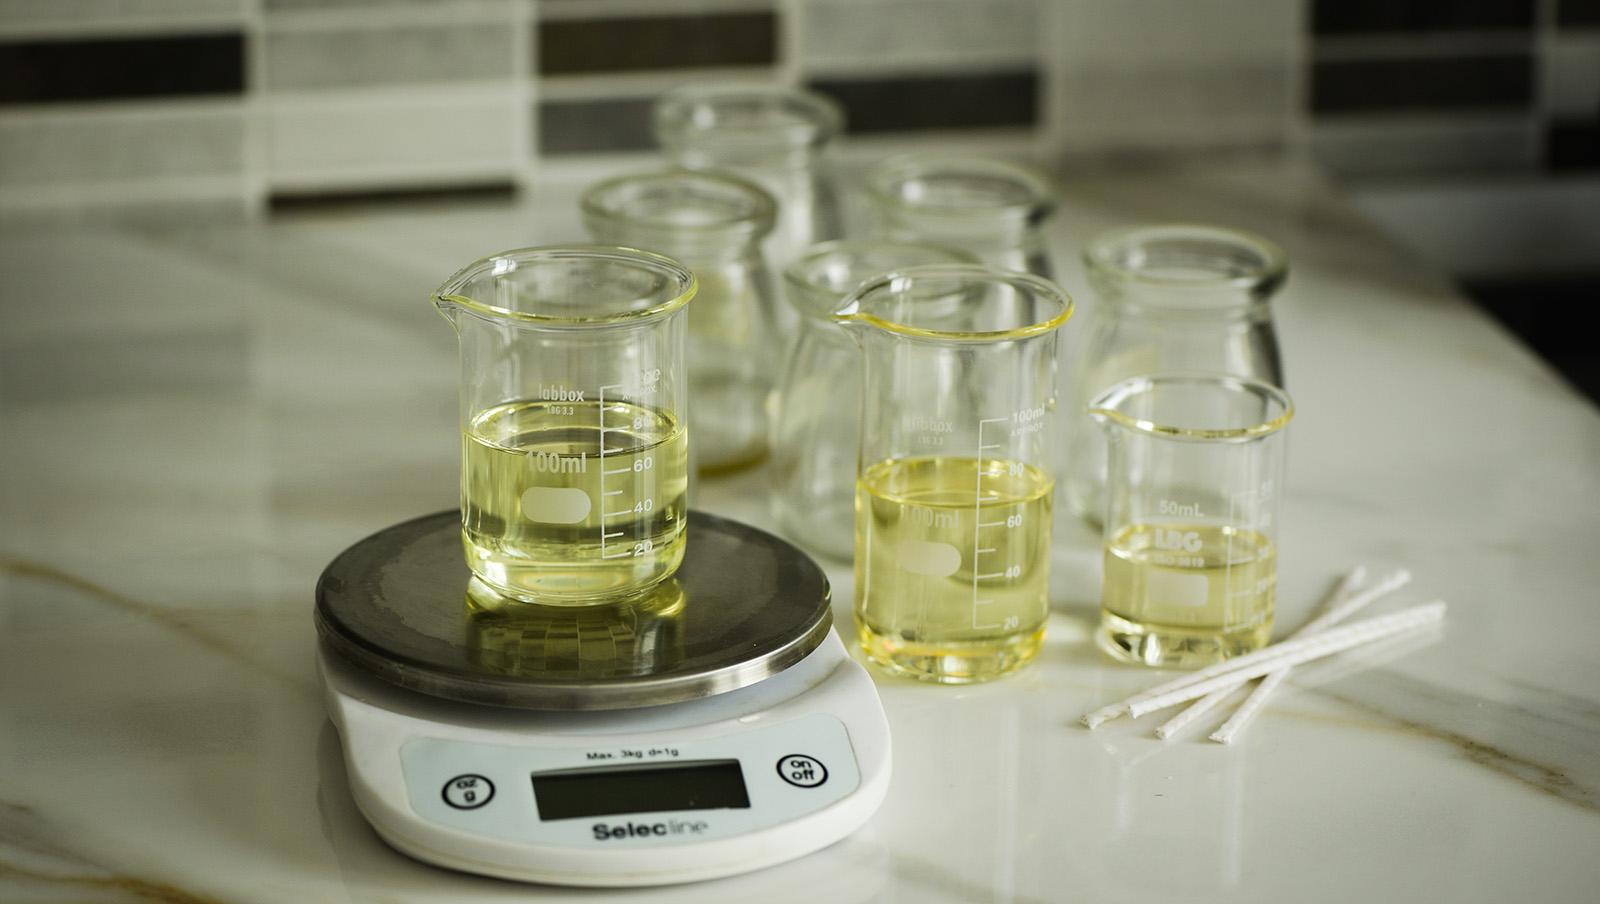 Uleiurile de parfum – daunatoare pentru lumanarile parfumate?